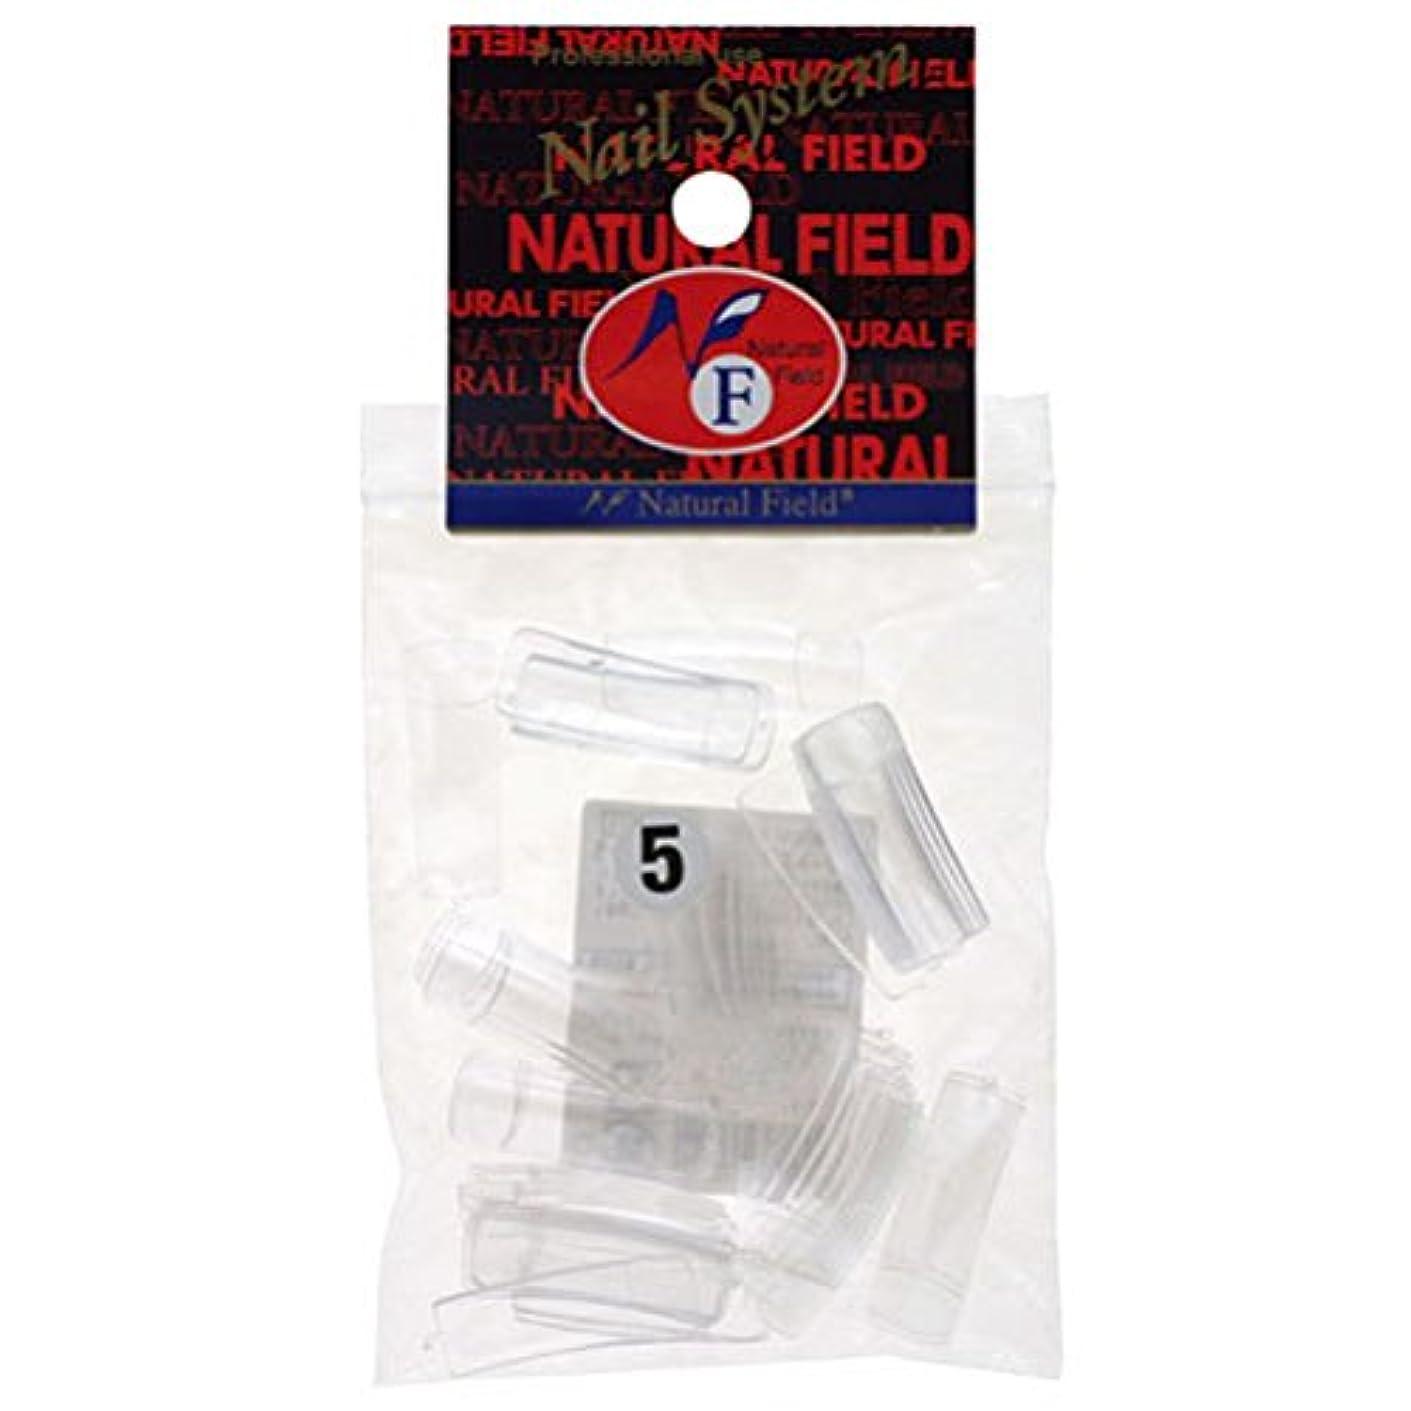 パーティー投げる気配りのあるNatural Field ネイルチップ クリアスクエア(フル)No. 5 50P レフィル